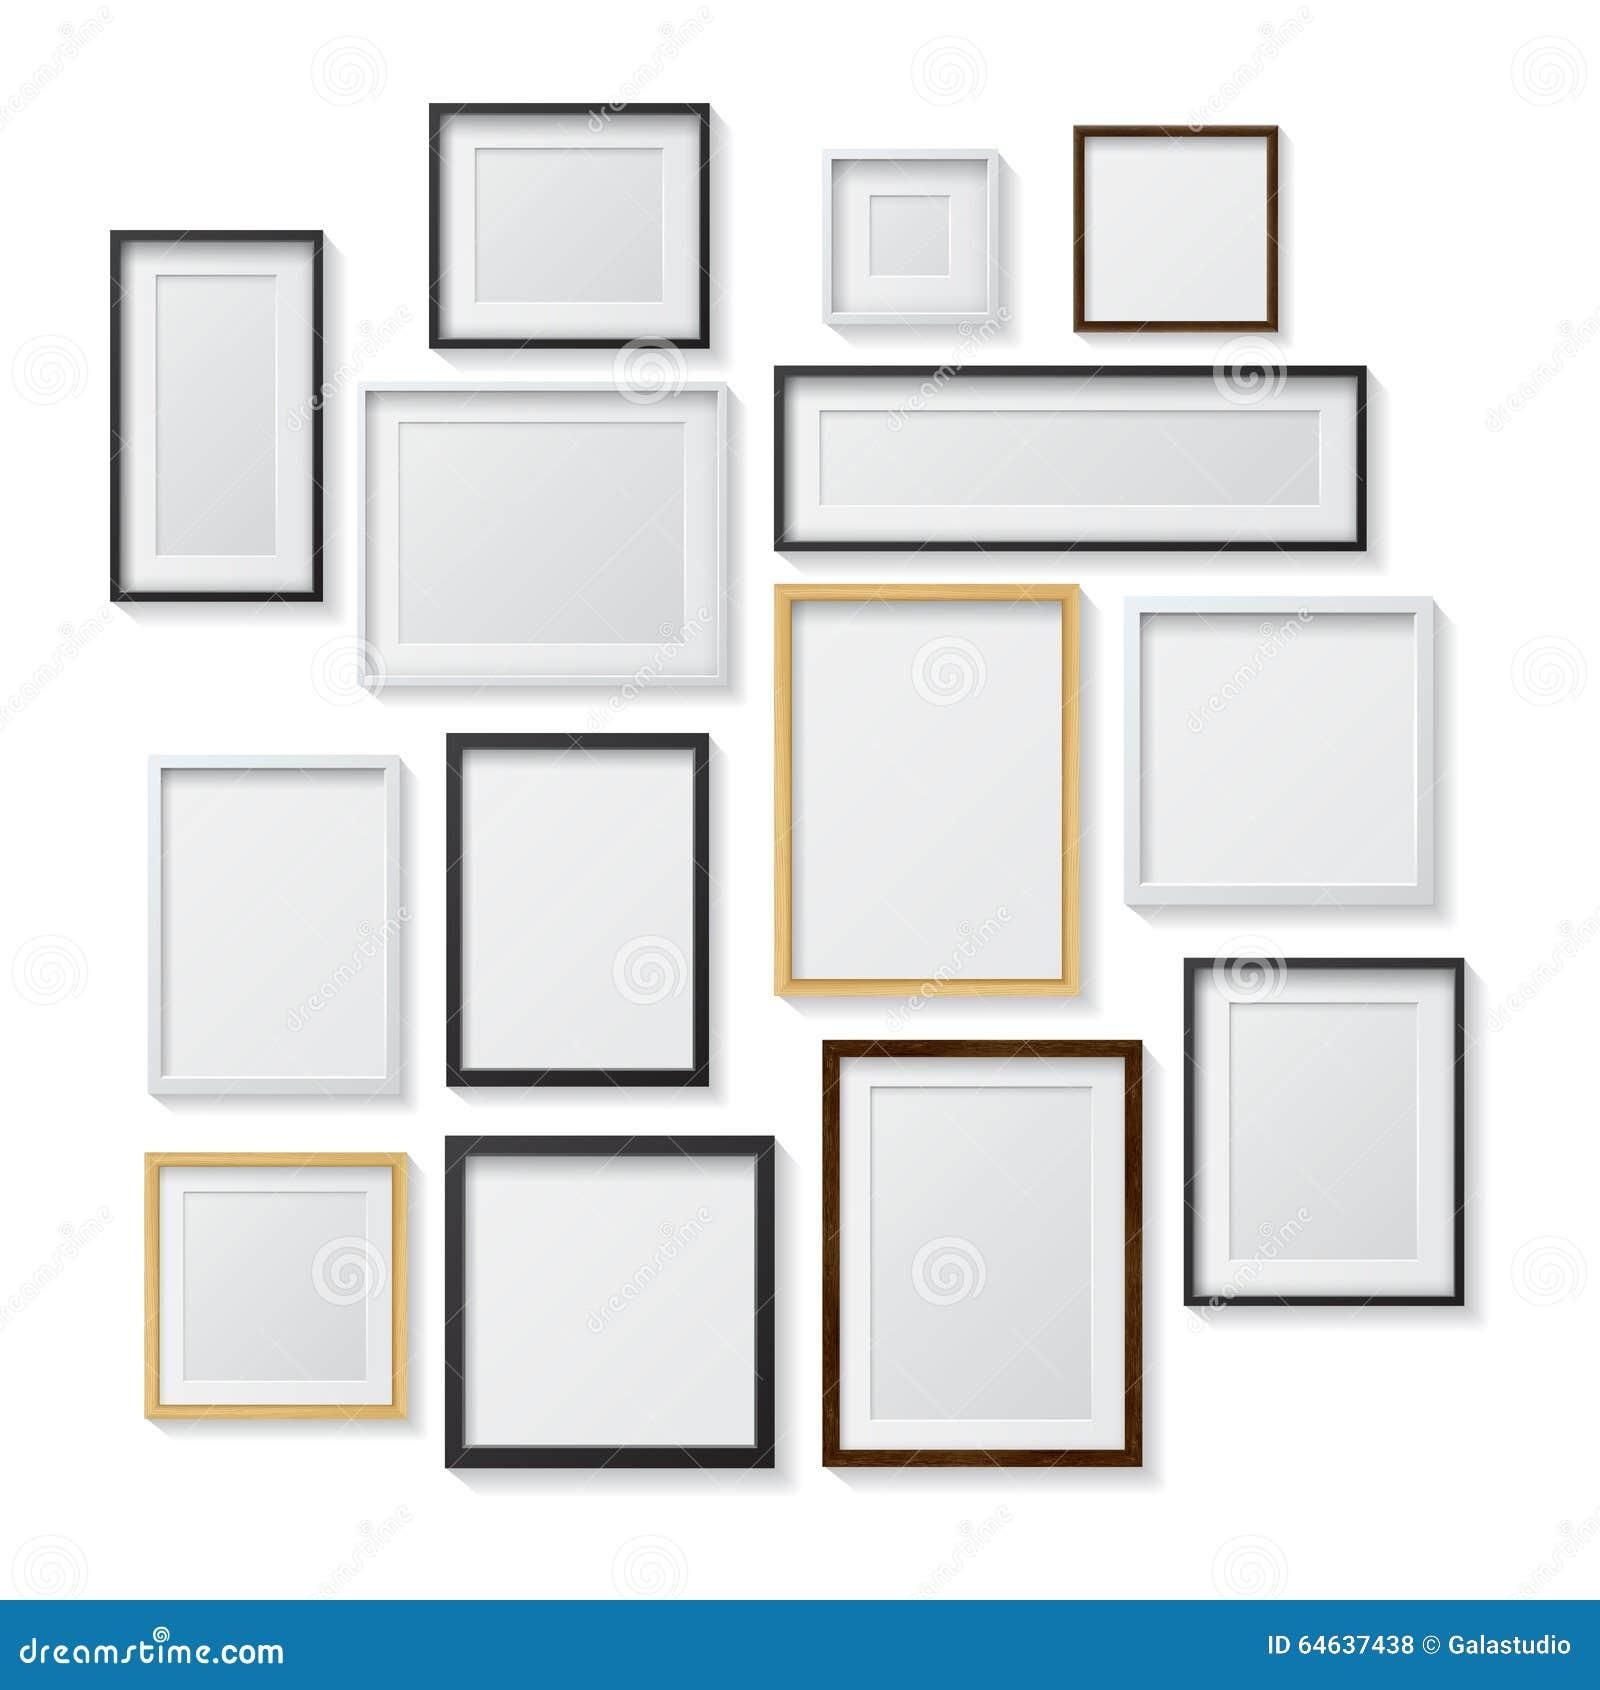 Insieme delle cornici in bianco bianche e nere e for Cornici foto bianche